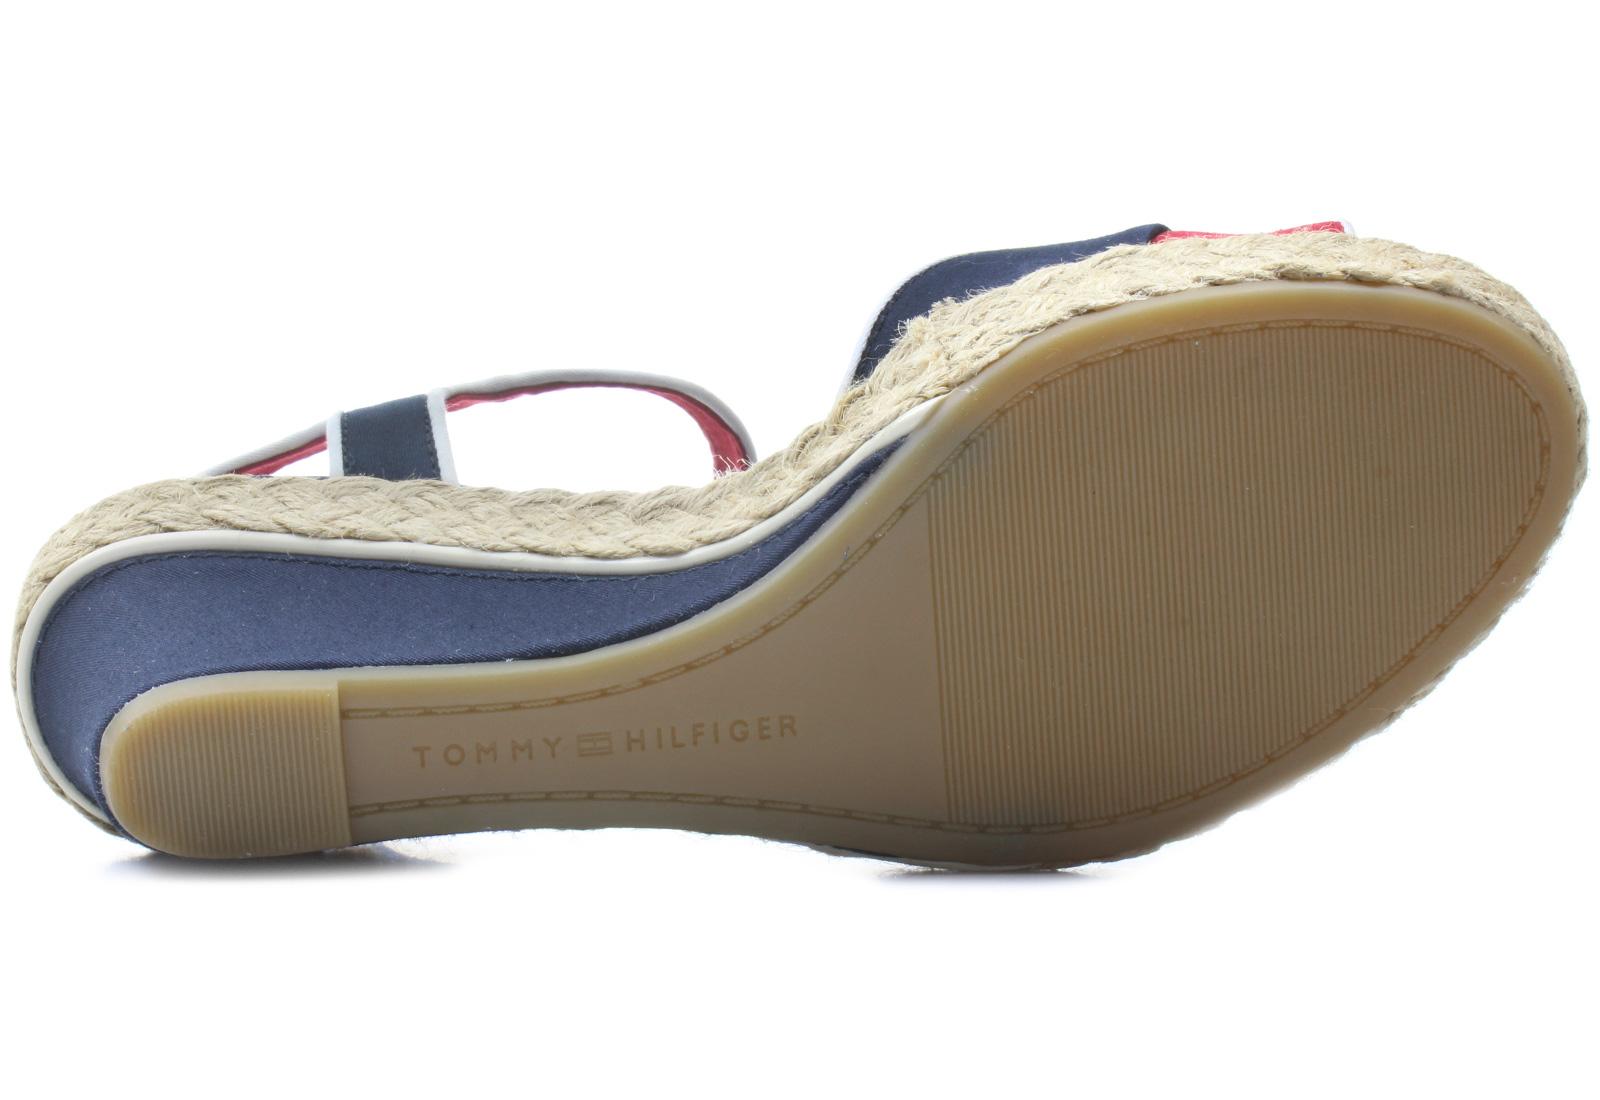 421d9032d5e0f Tommy Hilfiger Sandale - Ilona 2d - 14S-6784-403 - Office Shoes Romania